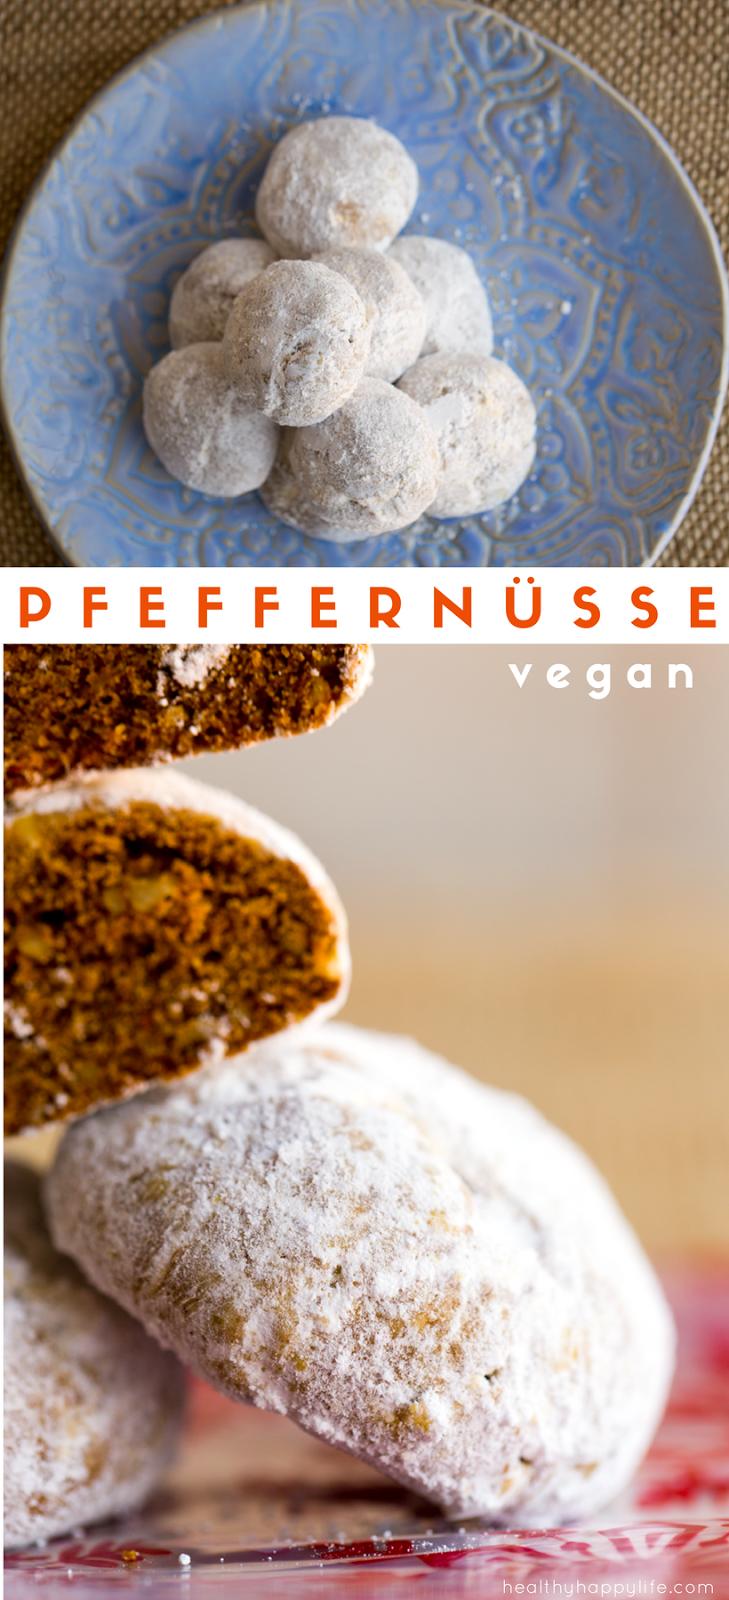 Vegan Pfeffernusse Cookies A Traditional German Christmas Cookies